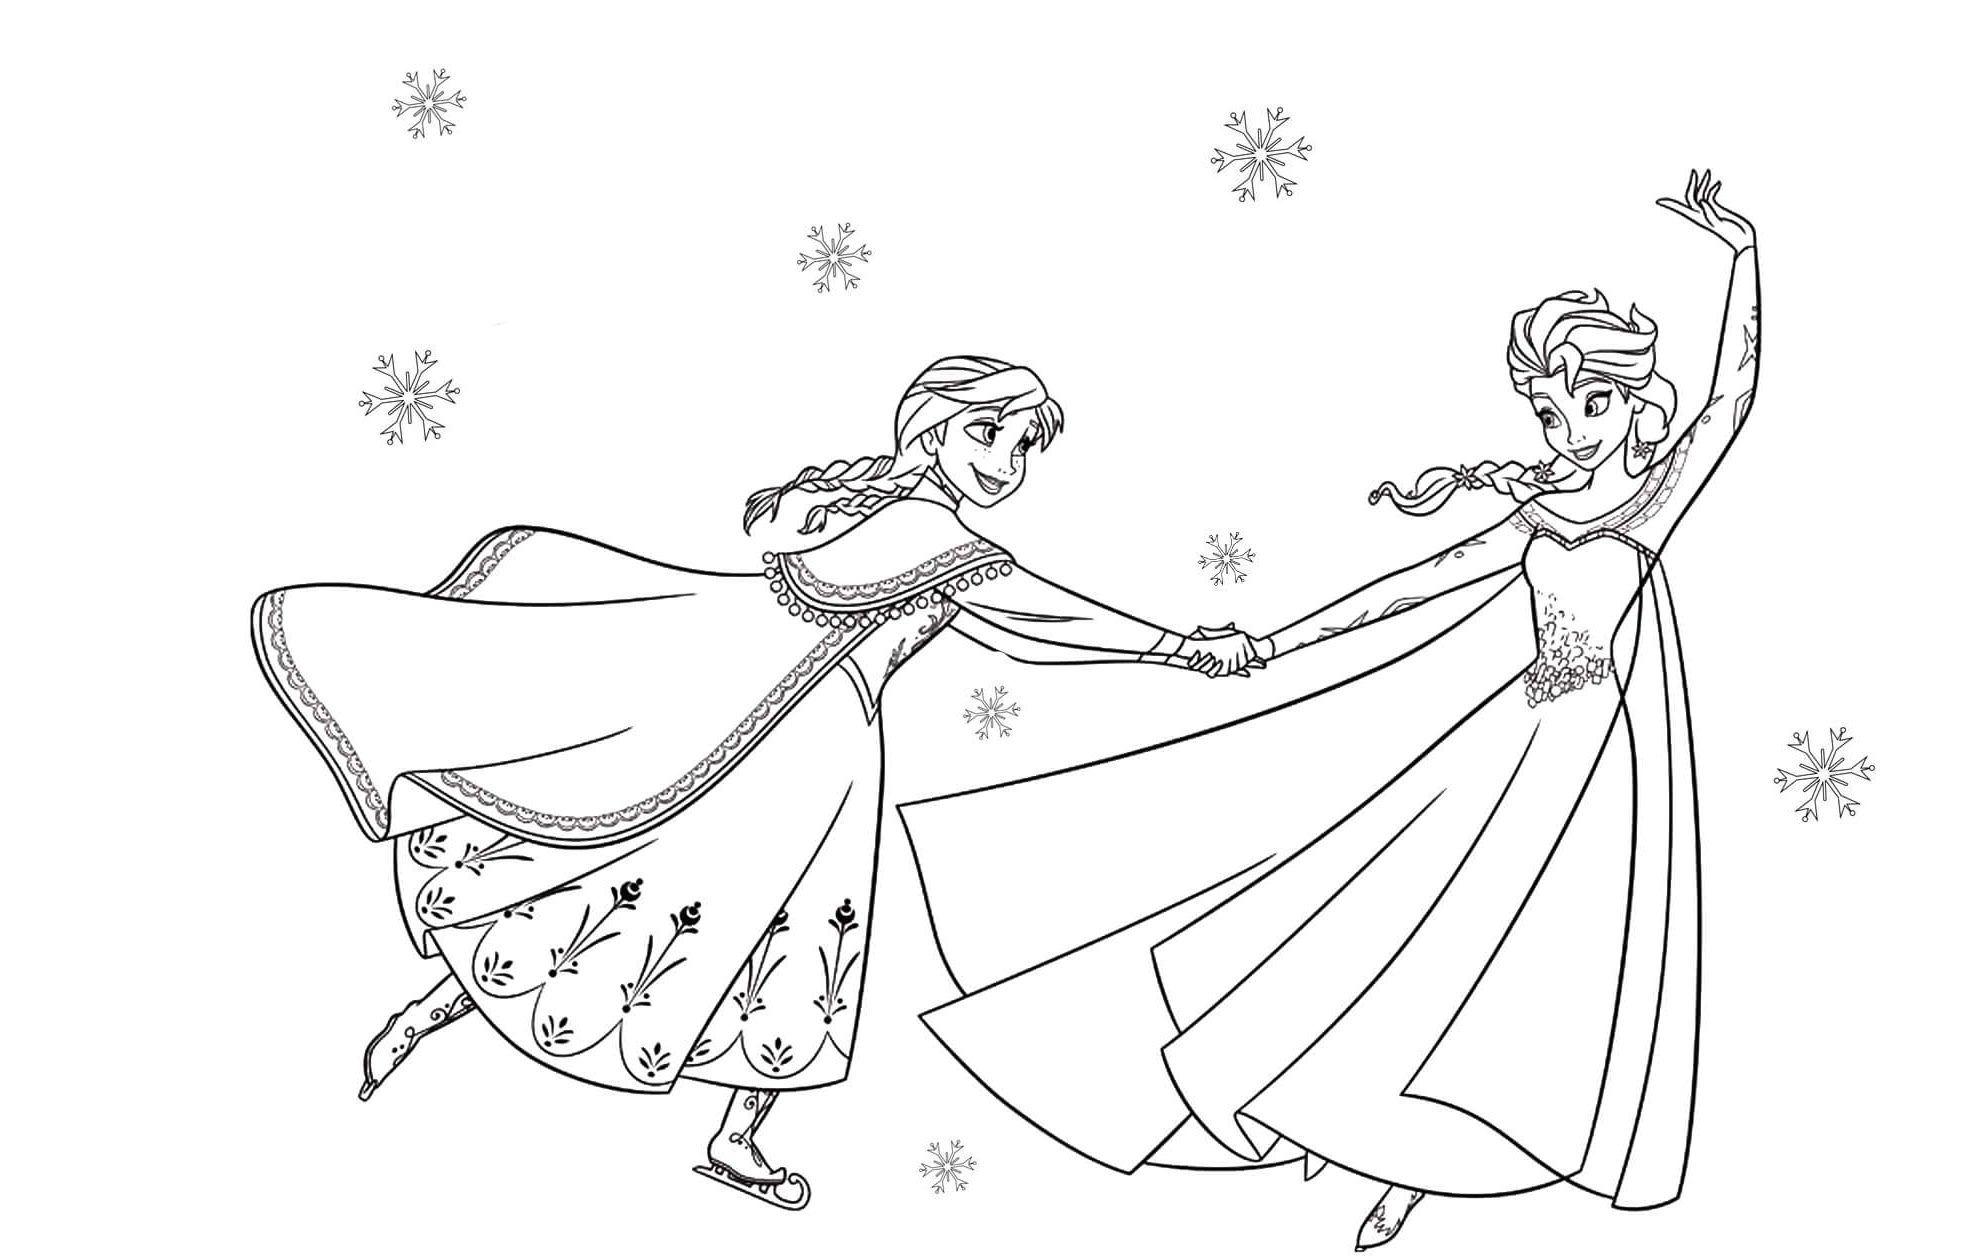 Malvorlagen Gratis Frozen In 2020 Ausmalbilder Anna Und Elsa Elsa Ausmalbild Anna Und Elsa